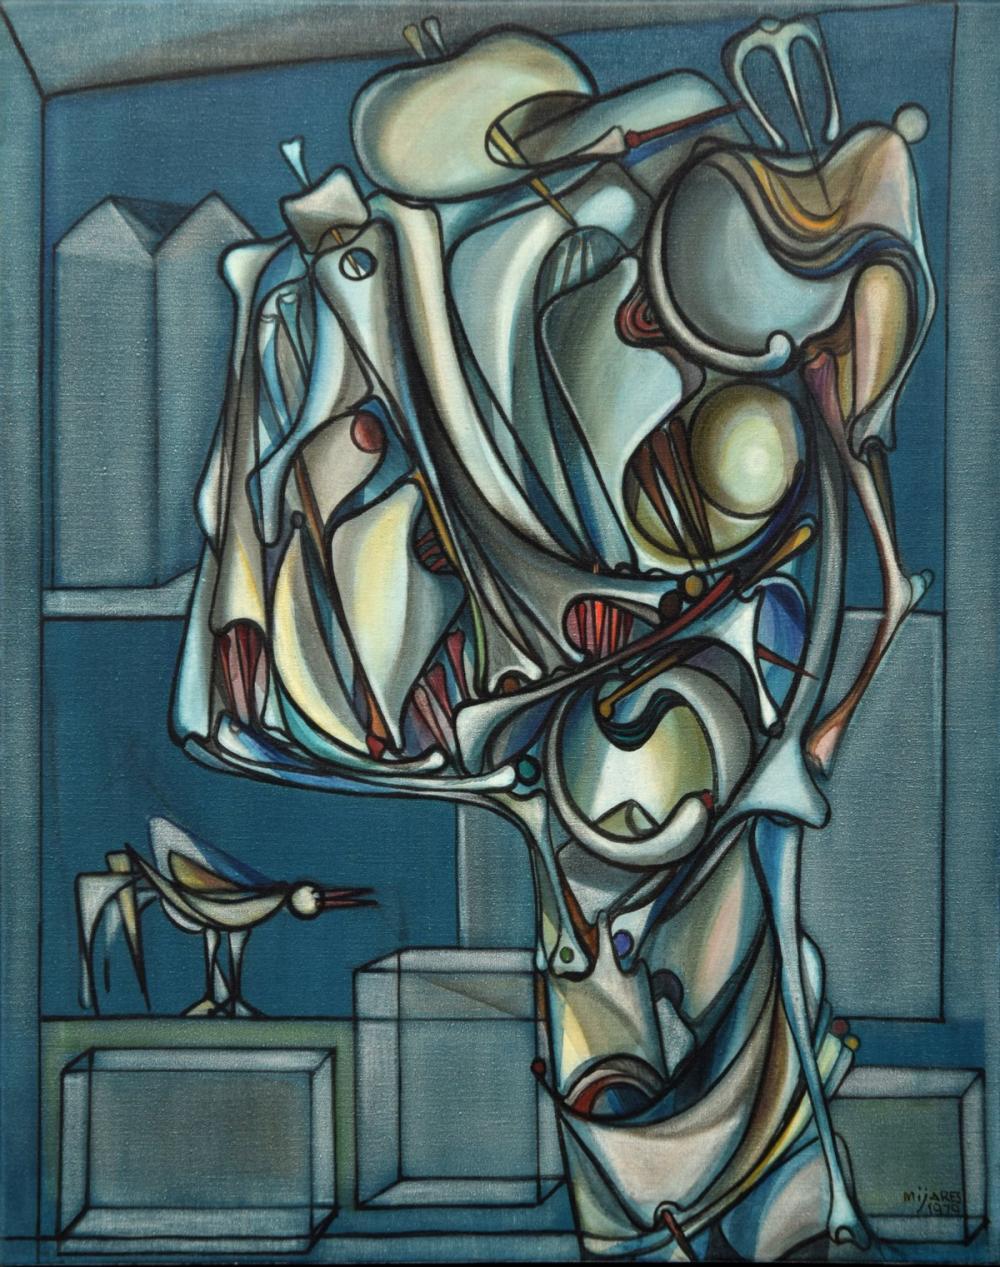 Jose Maria Mijares Painting